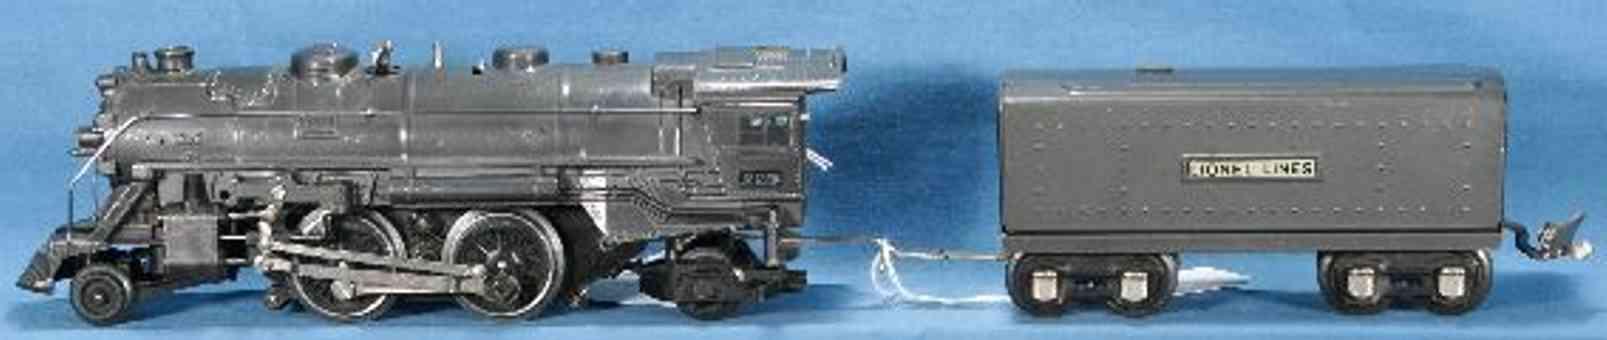 lionel 229 spielzeug eisenbahn lokomotive mit tender 1689t spur 0